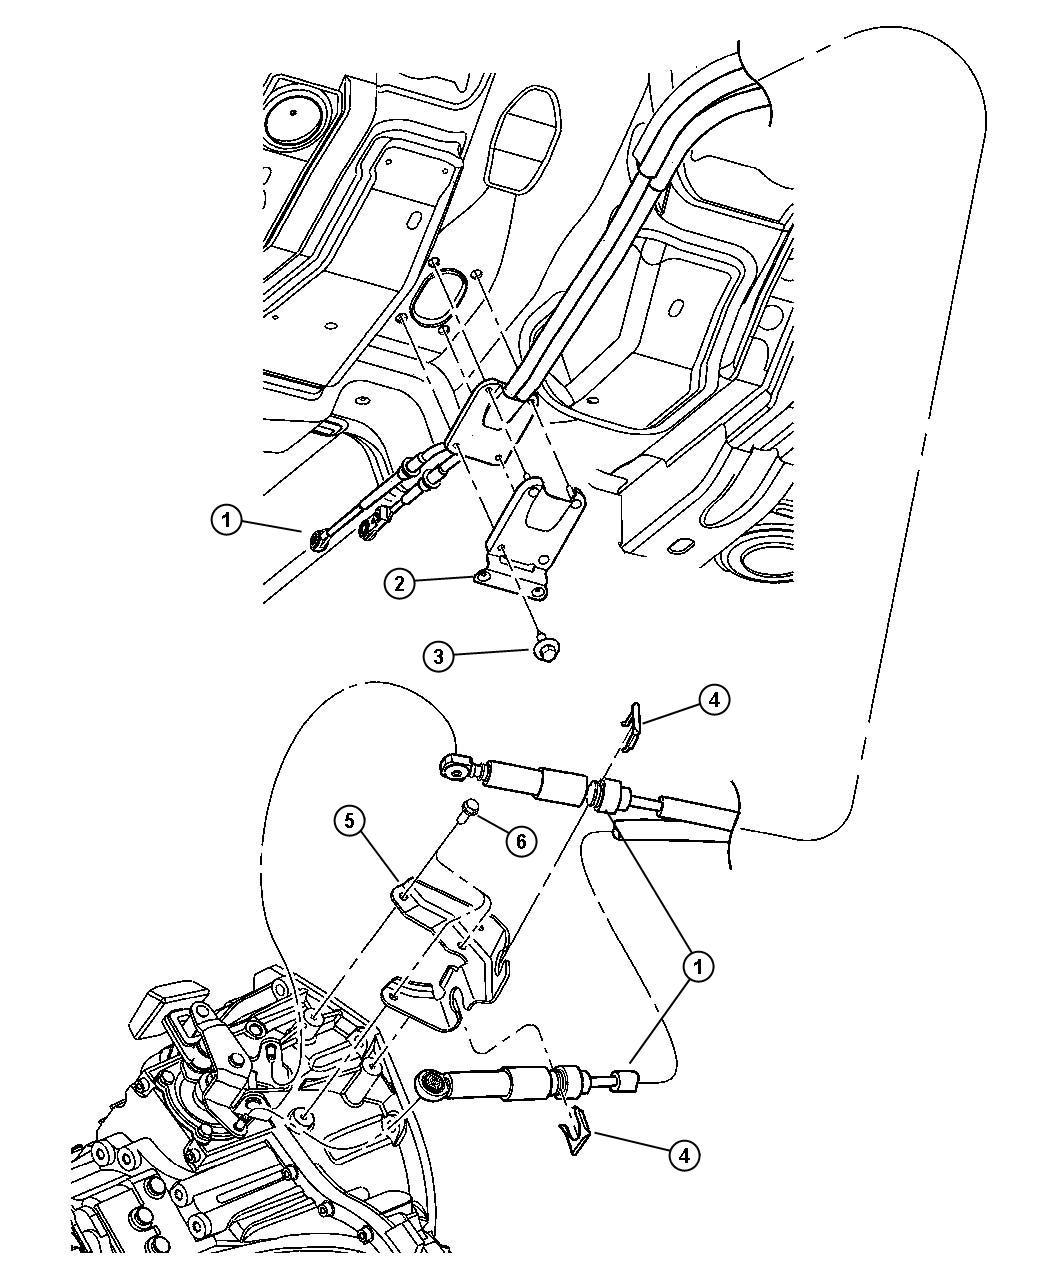 2004 Pt Cruiser Air Conditioning Diagram